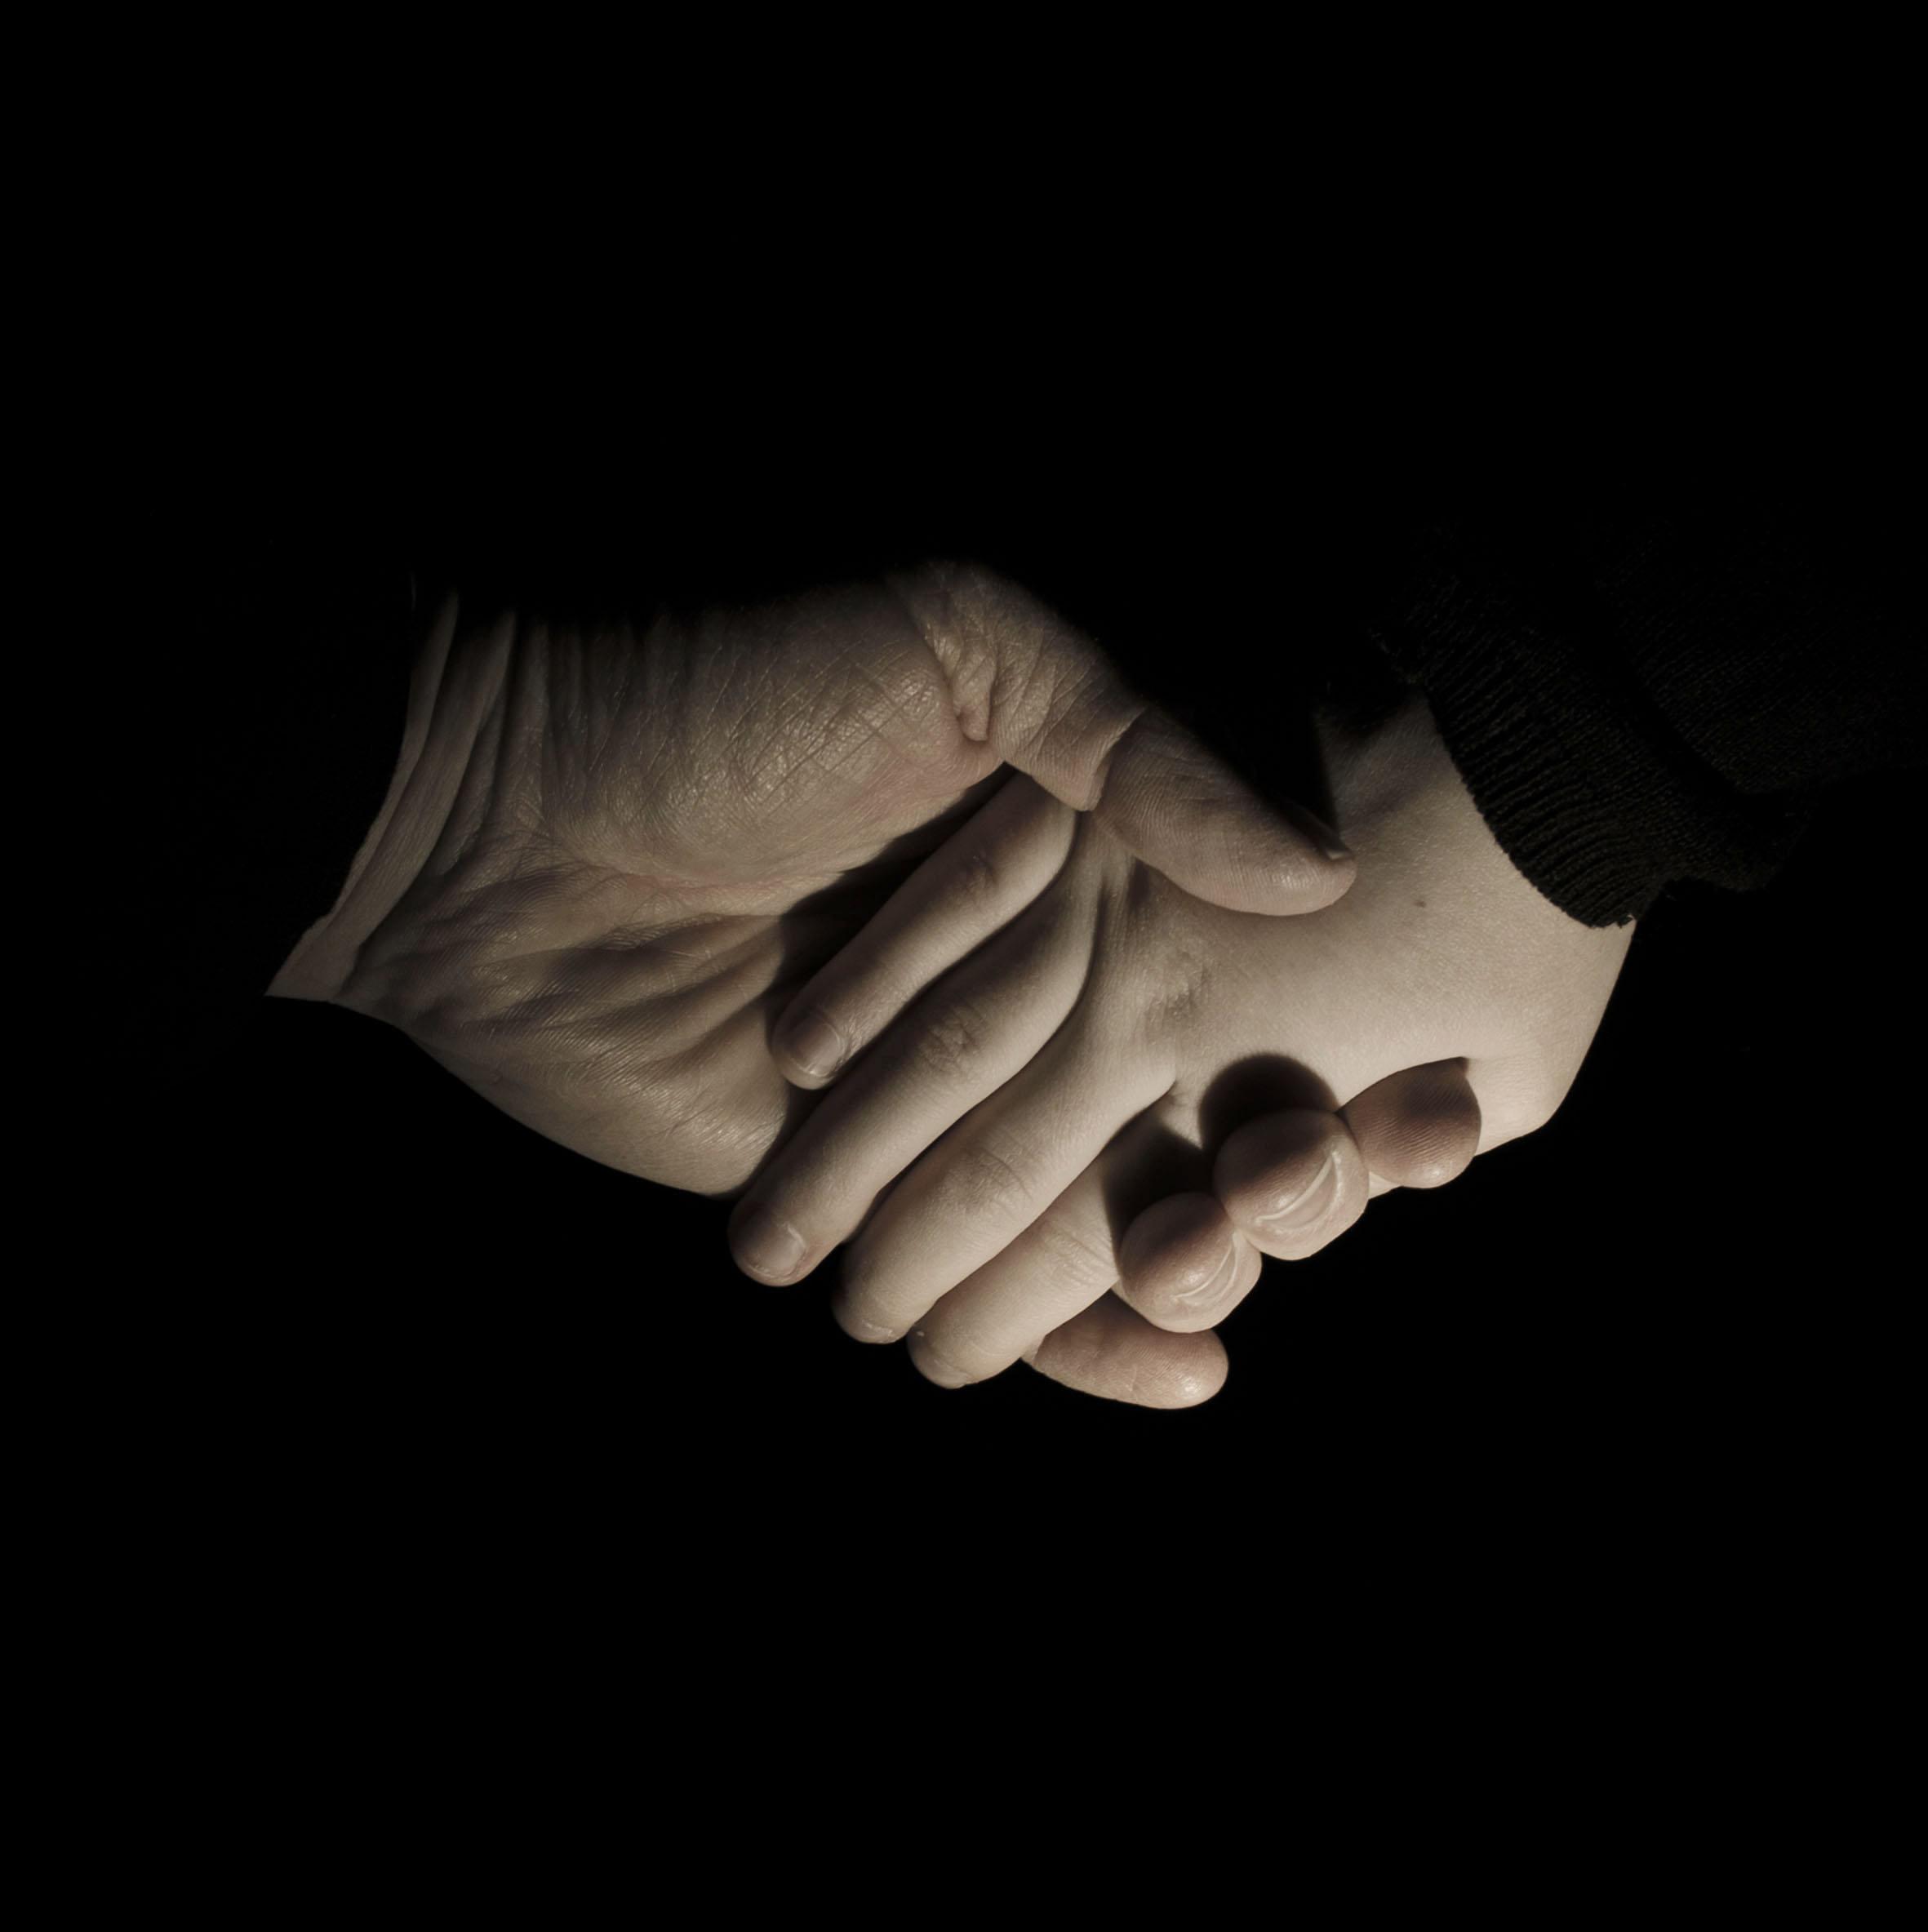 Ảnh nắm tay rất đẹp